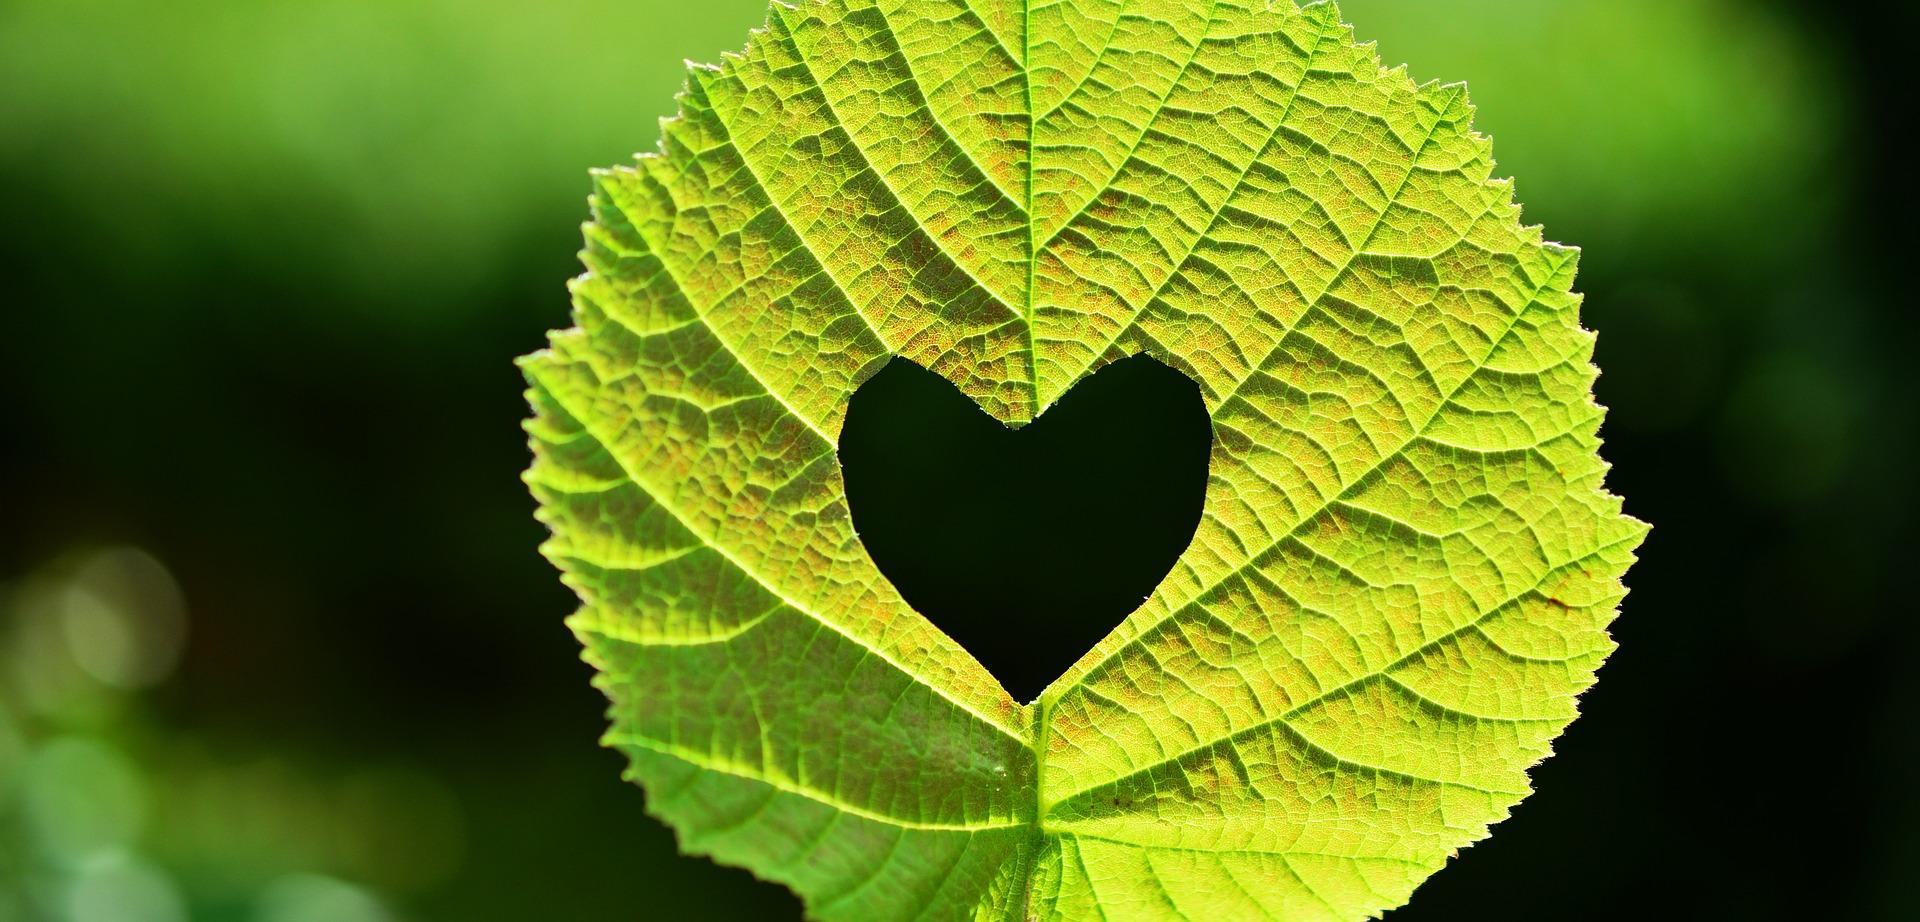 grünes Blatt mit eingestanztem Herz